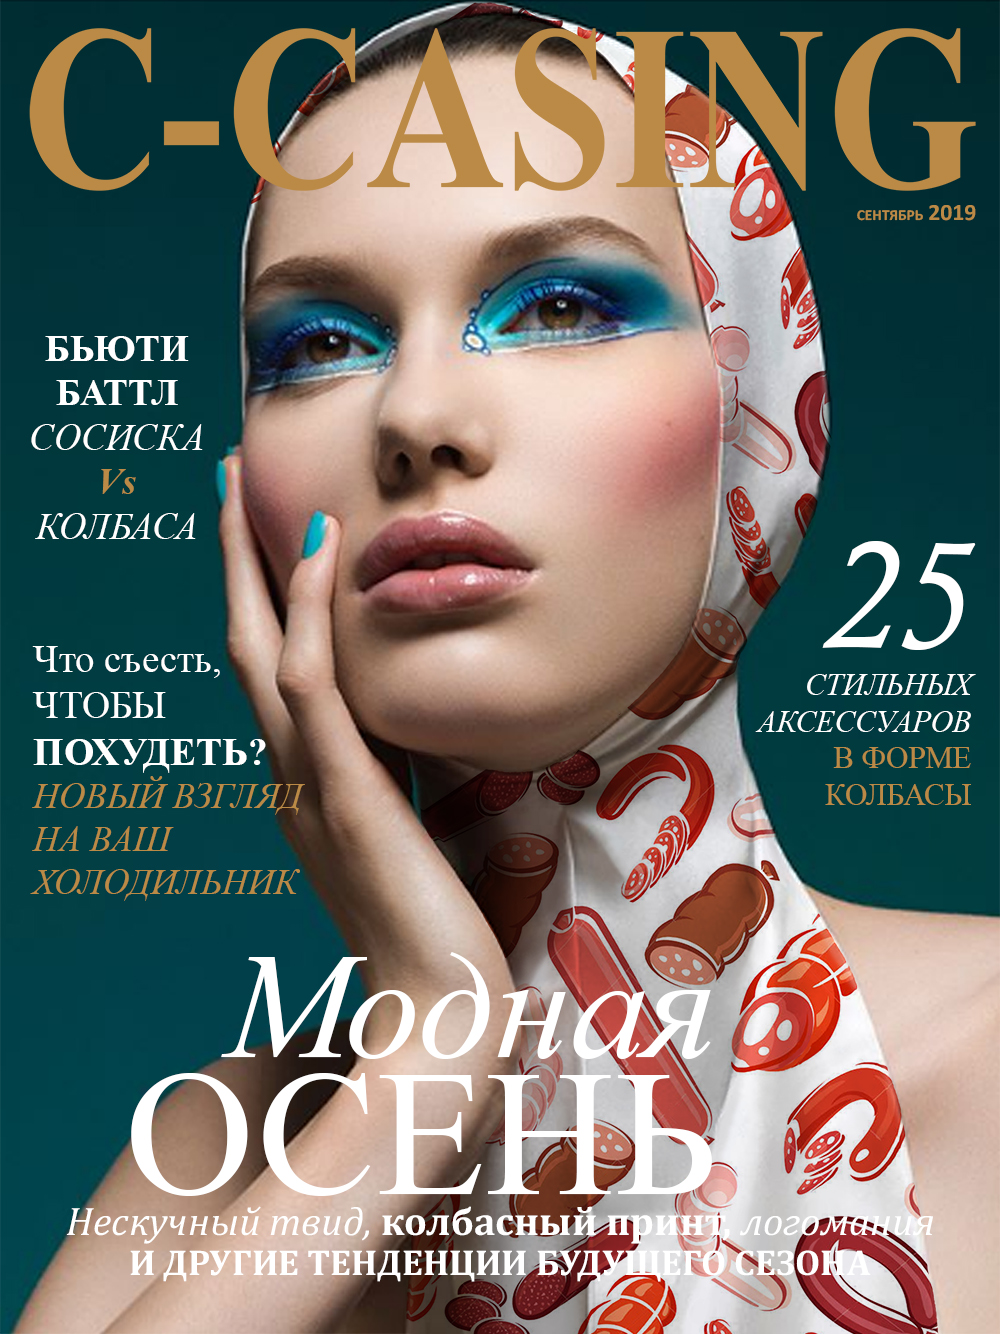 Полиграфический дизайн, Журнальный дизайн, Коллаж.  фото f_6945d72c445a95c8.jpg